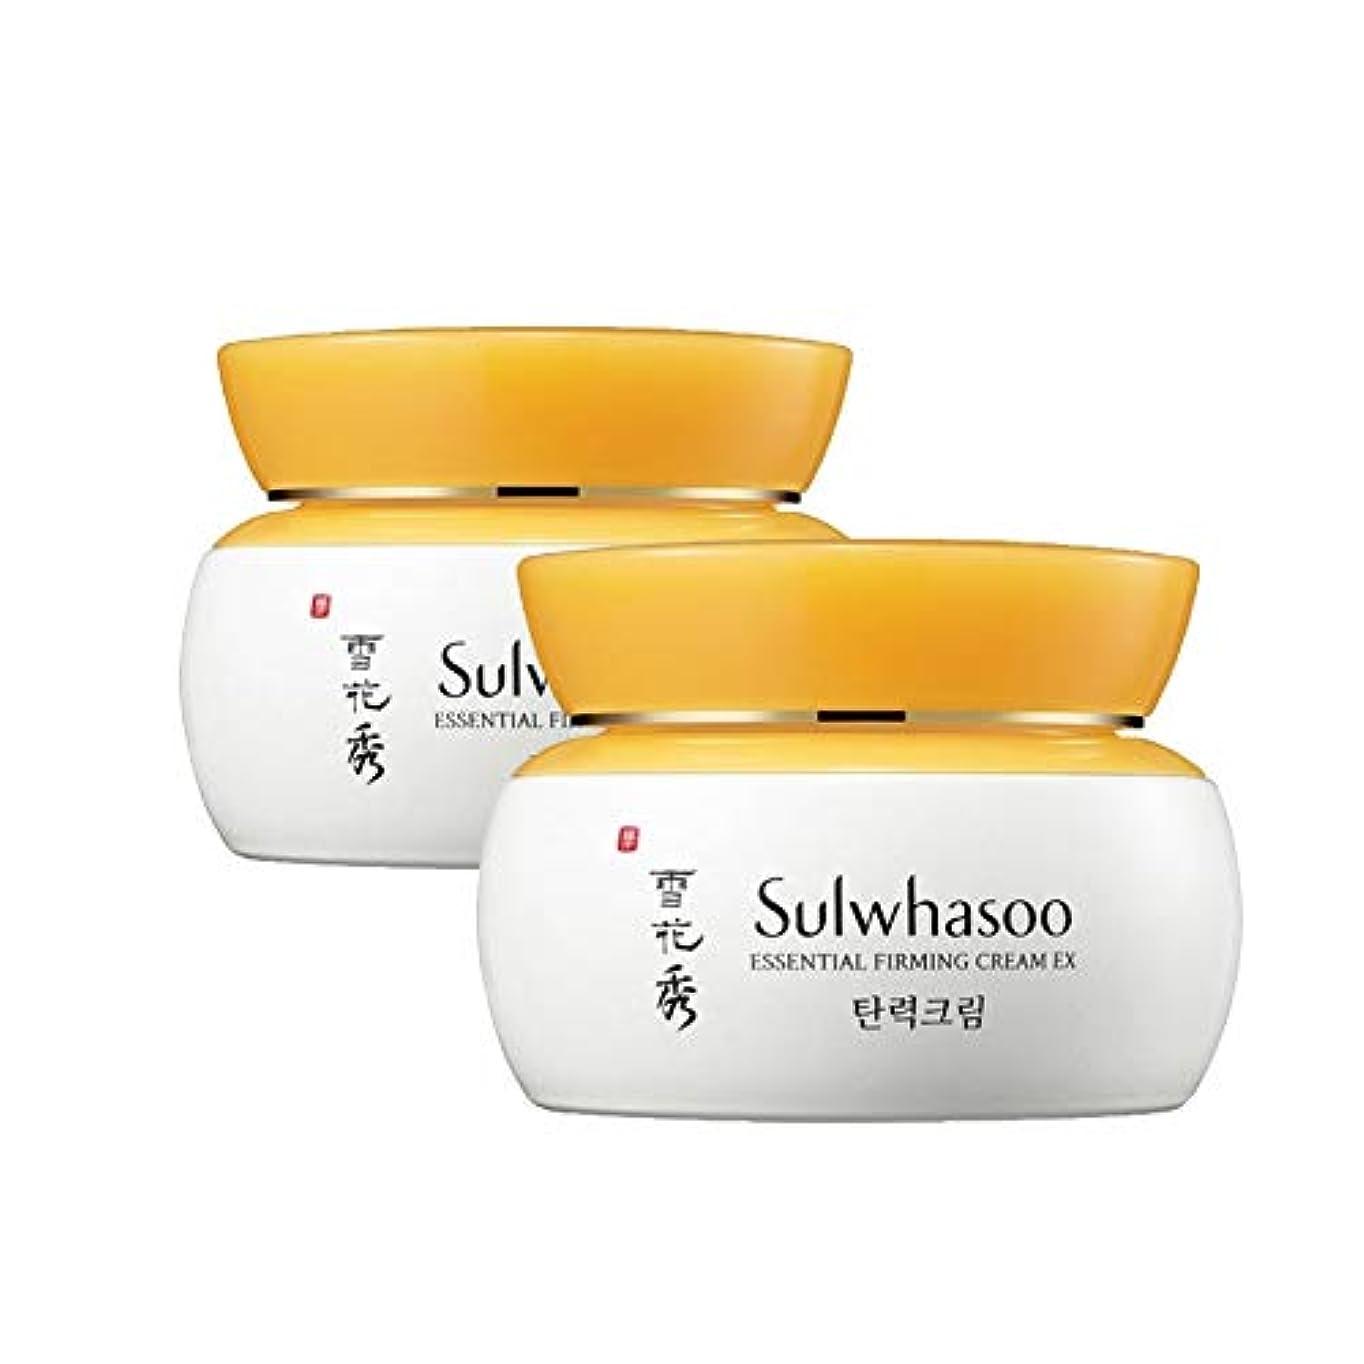 湿度司書小間雪花秀エッセンシャルパーミングクリーム 75mlx2本セット弾力クリーム韓国コスメ、Sulwhasoo Essential Firming Cream 75ml x 2ea Set Korean Cosmetics [並行輸入品]